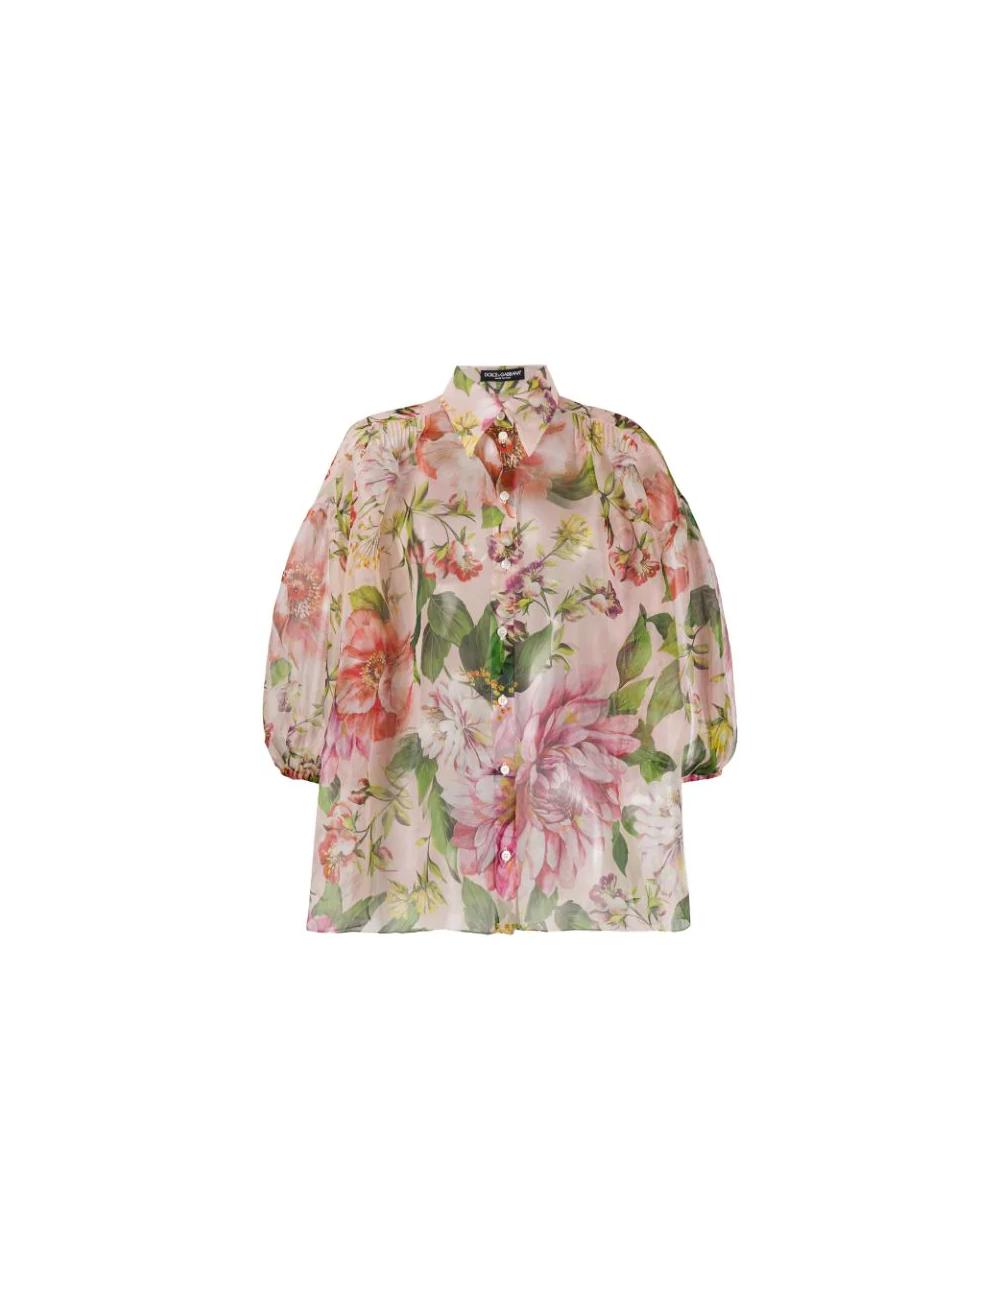 Silk shirt Dolce Gabbana - BIG BOSS MEGEVE